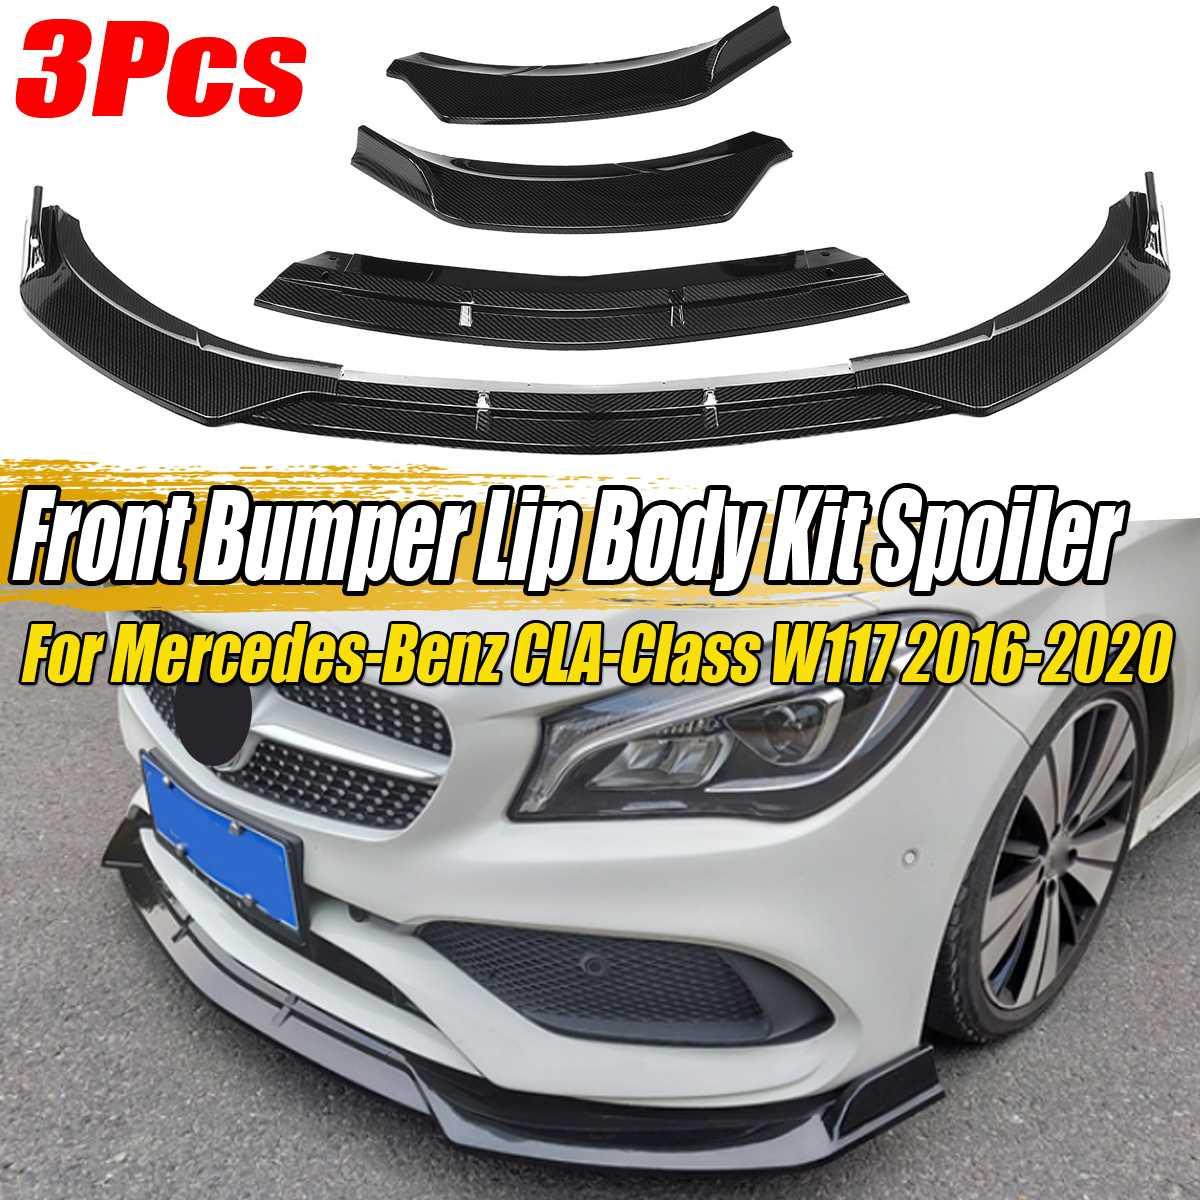 3 Pcs Auto Voorbumper Splitter Lip Spoiler Diffuser Guard Bescherming Cover Trim Voor Mercedes Benz Cla-Klasse w117 2016-2020